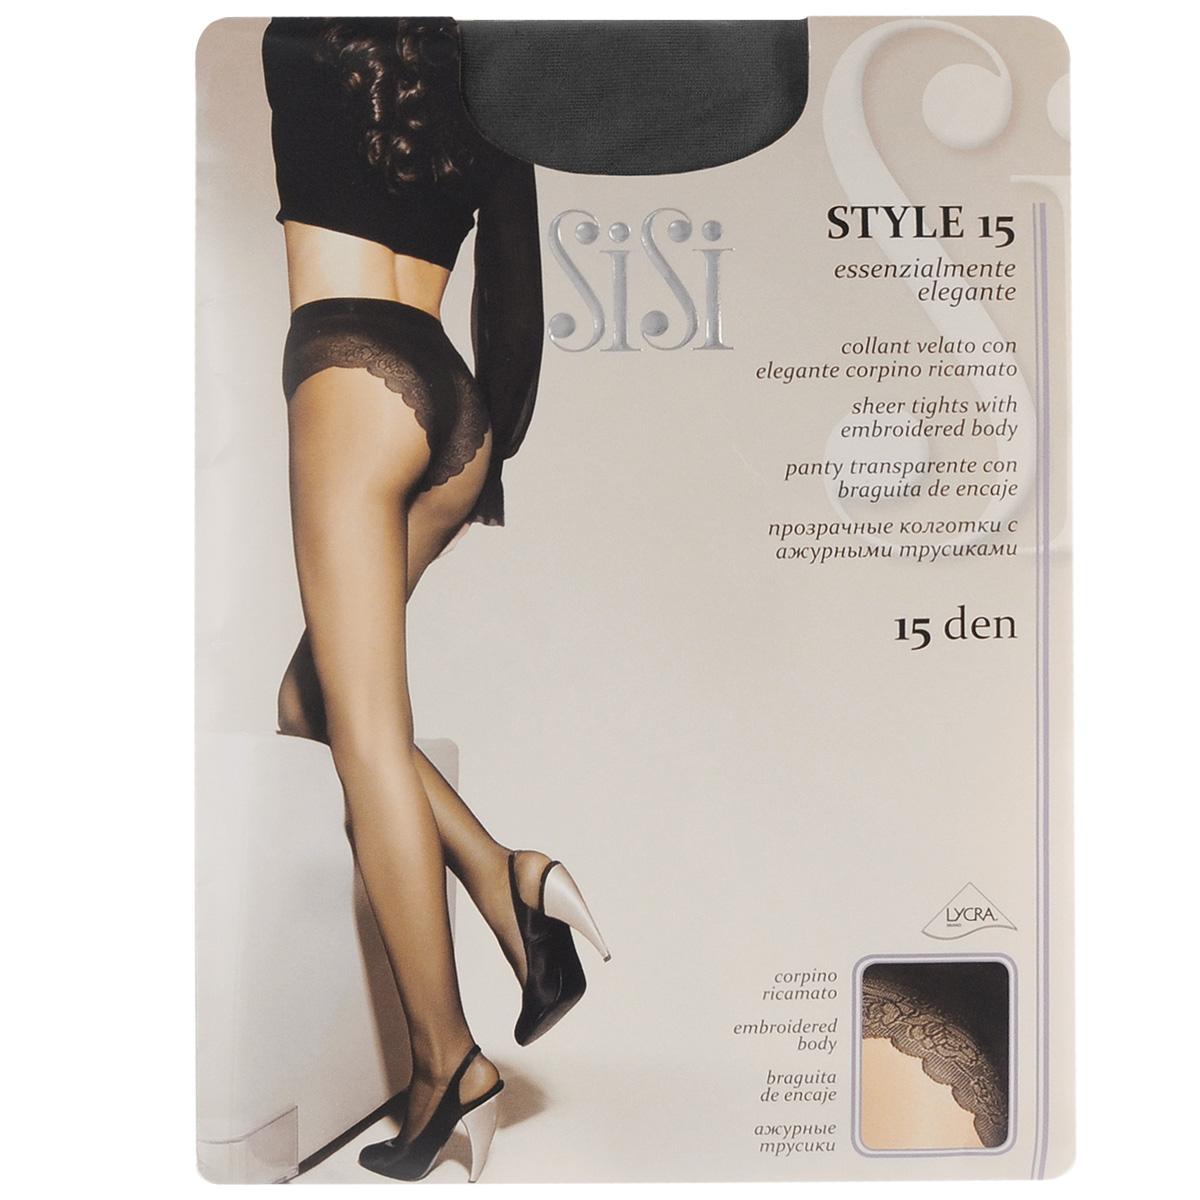 Колготки женские Sisi Style 15, цвет: Nero (черный). 45. Размер 4 (L) колготки sisi style размер 2 плотность 15 den nero